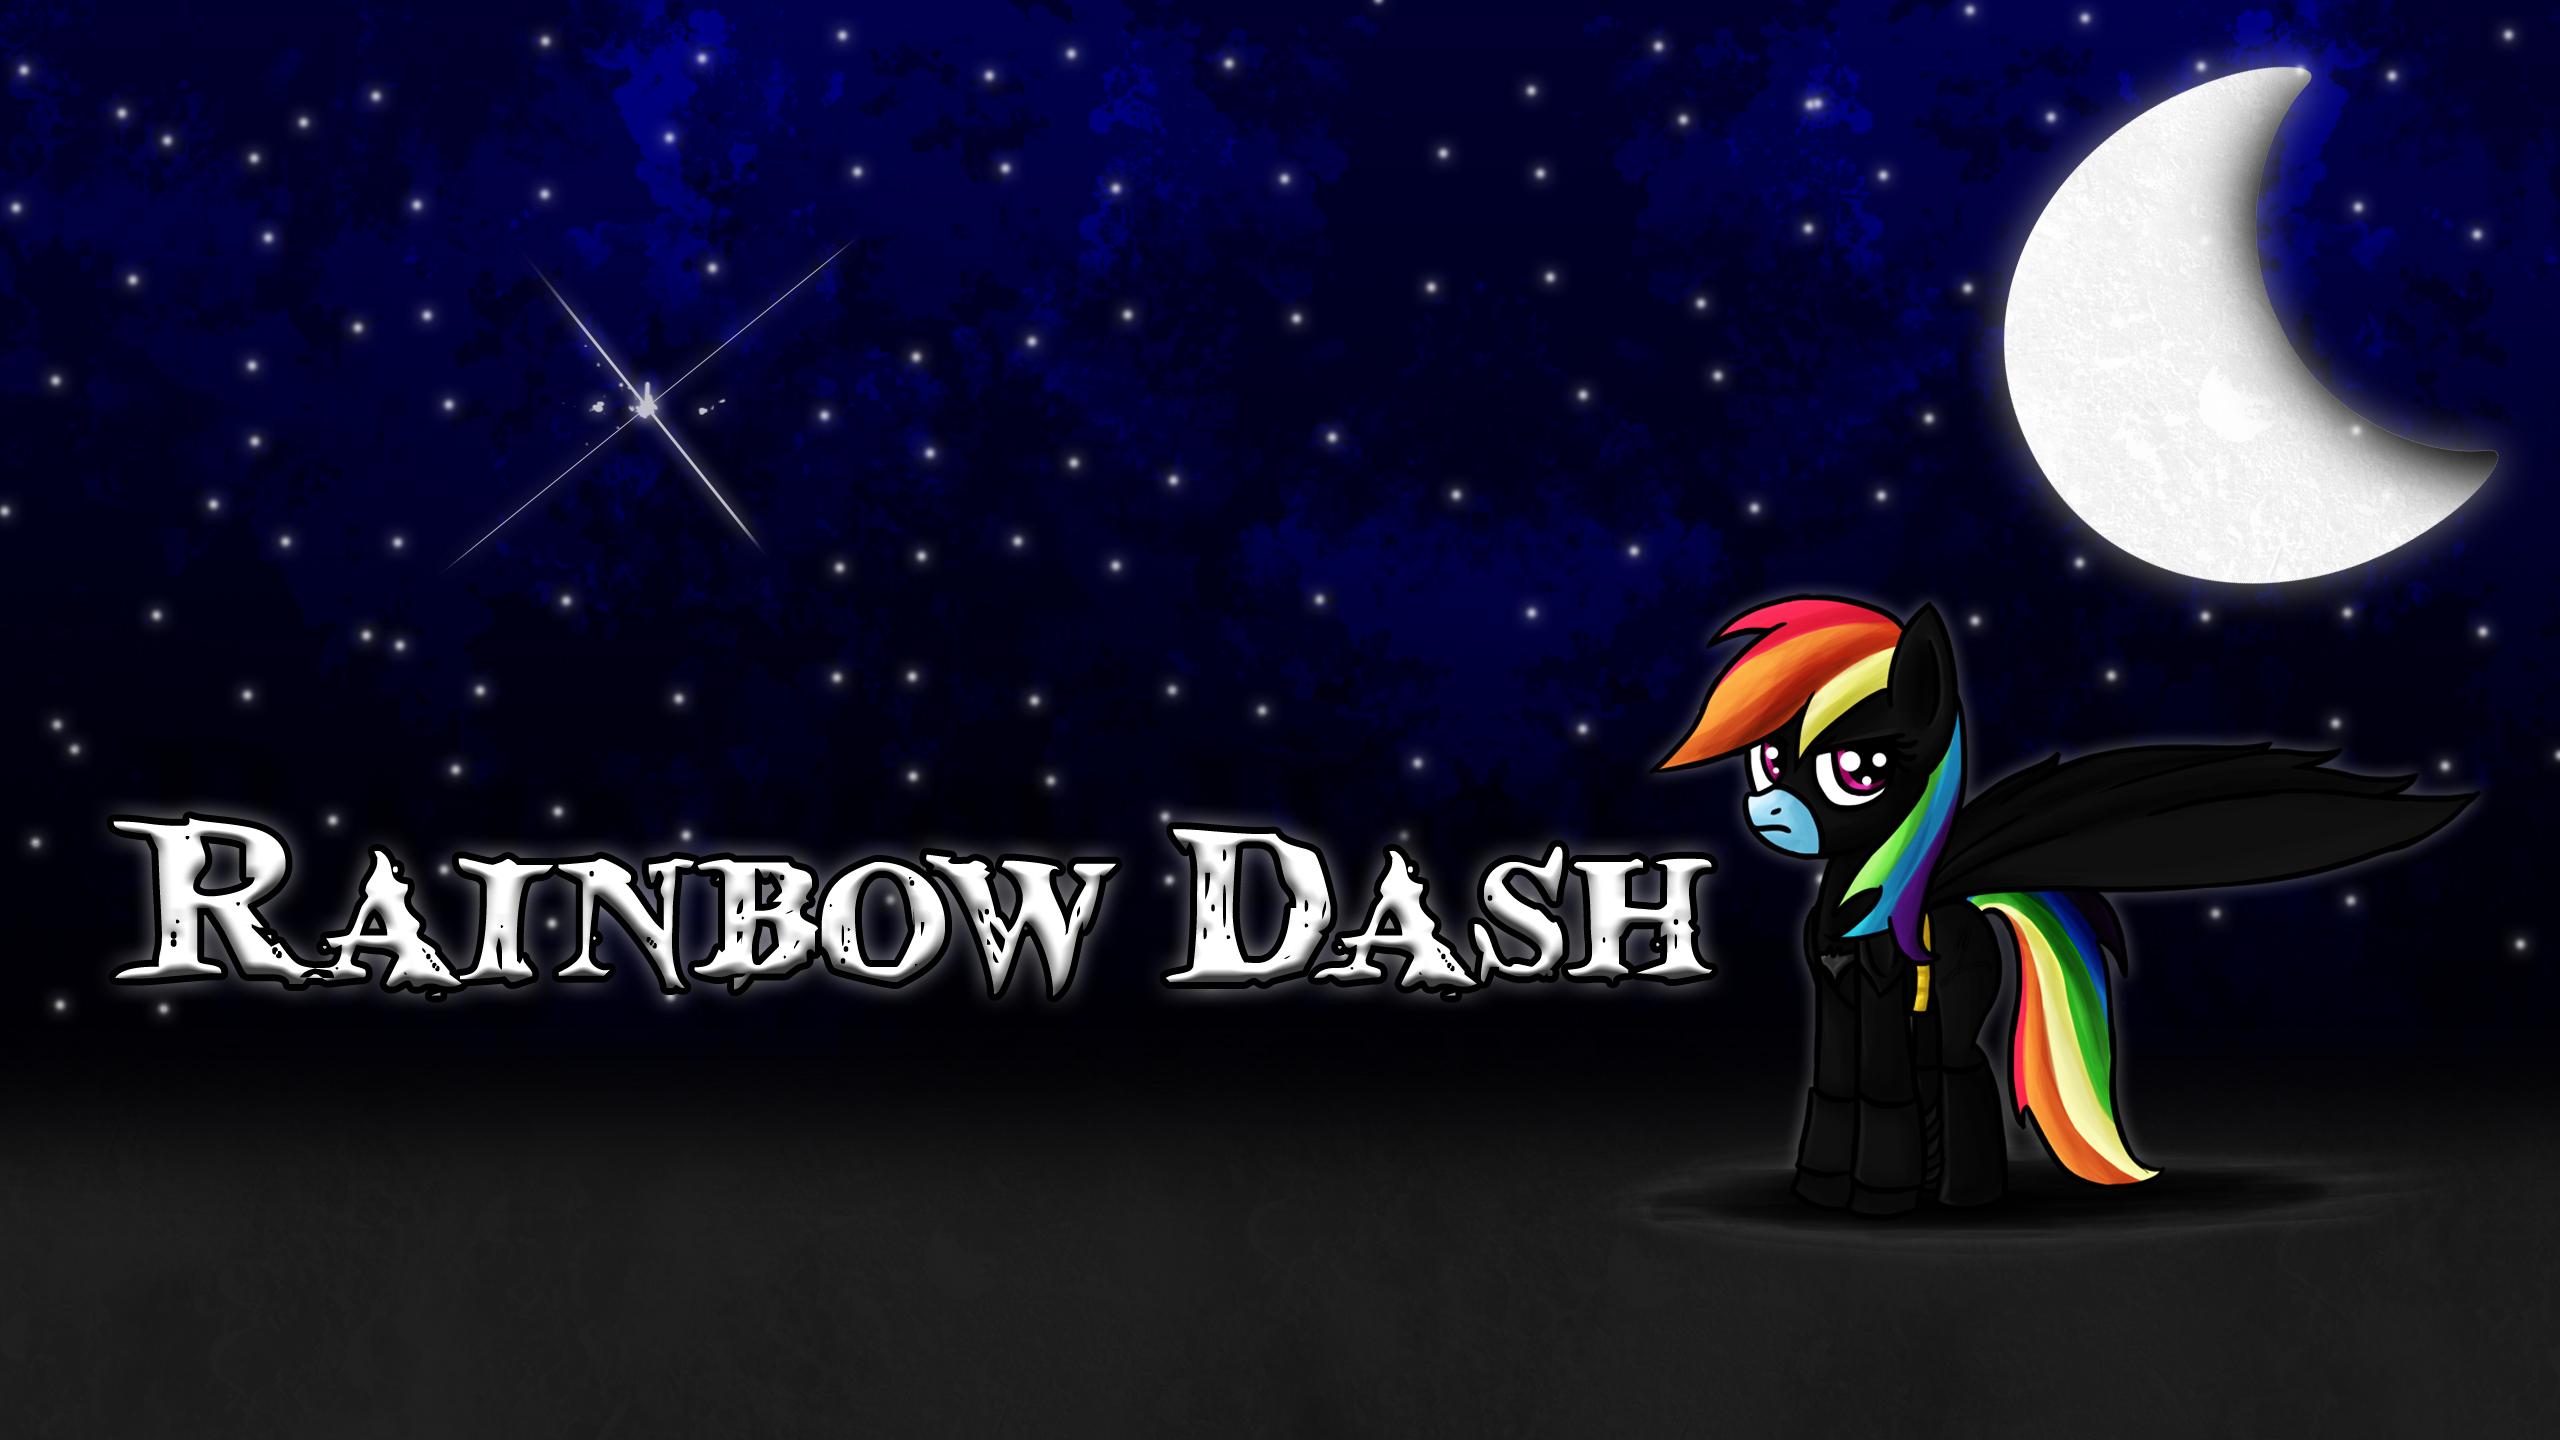 Pin on MLP!!!!  |Batman Rainbow Dash